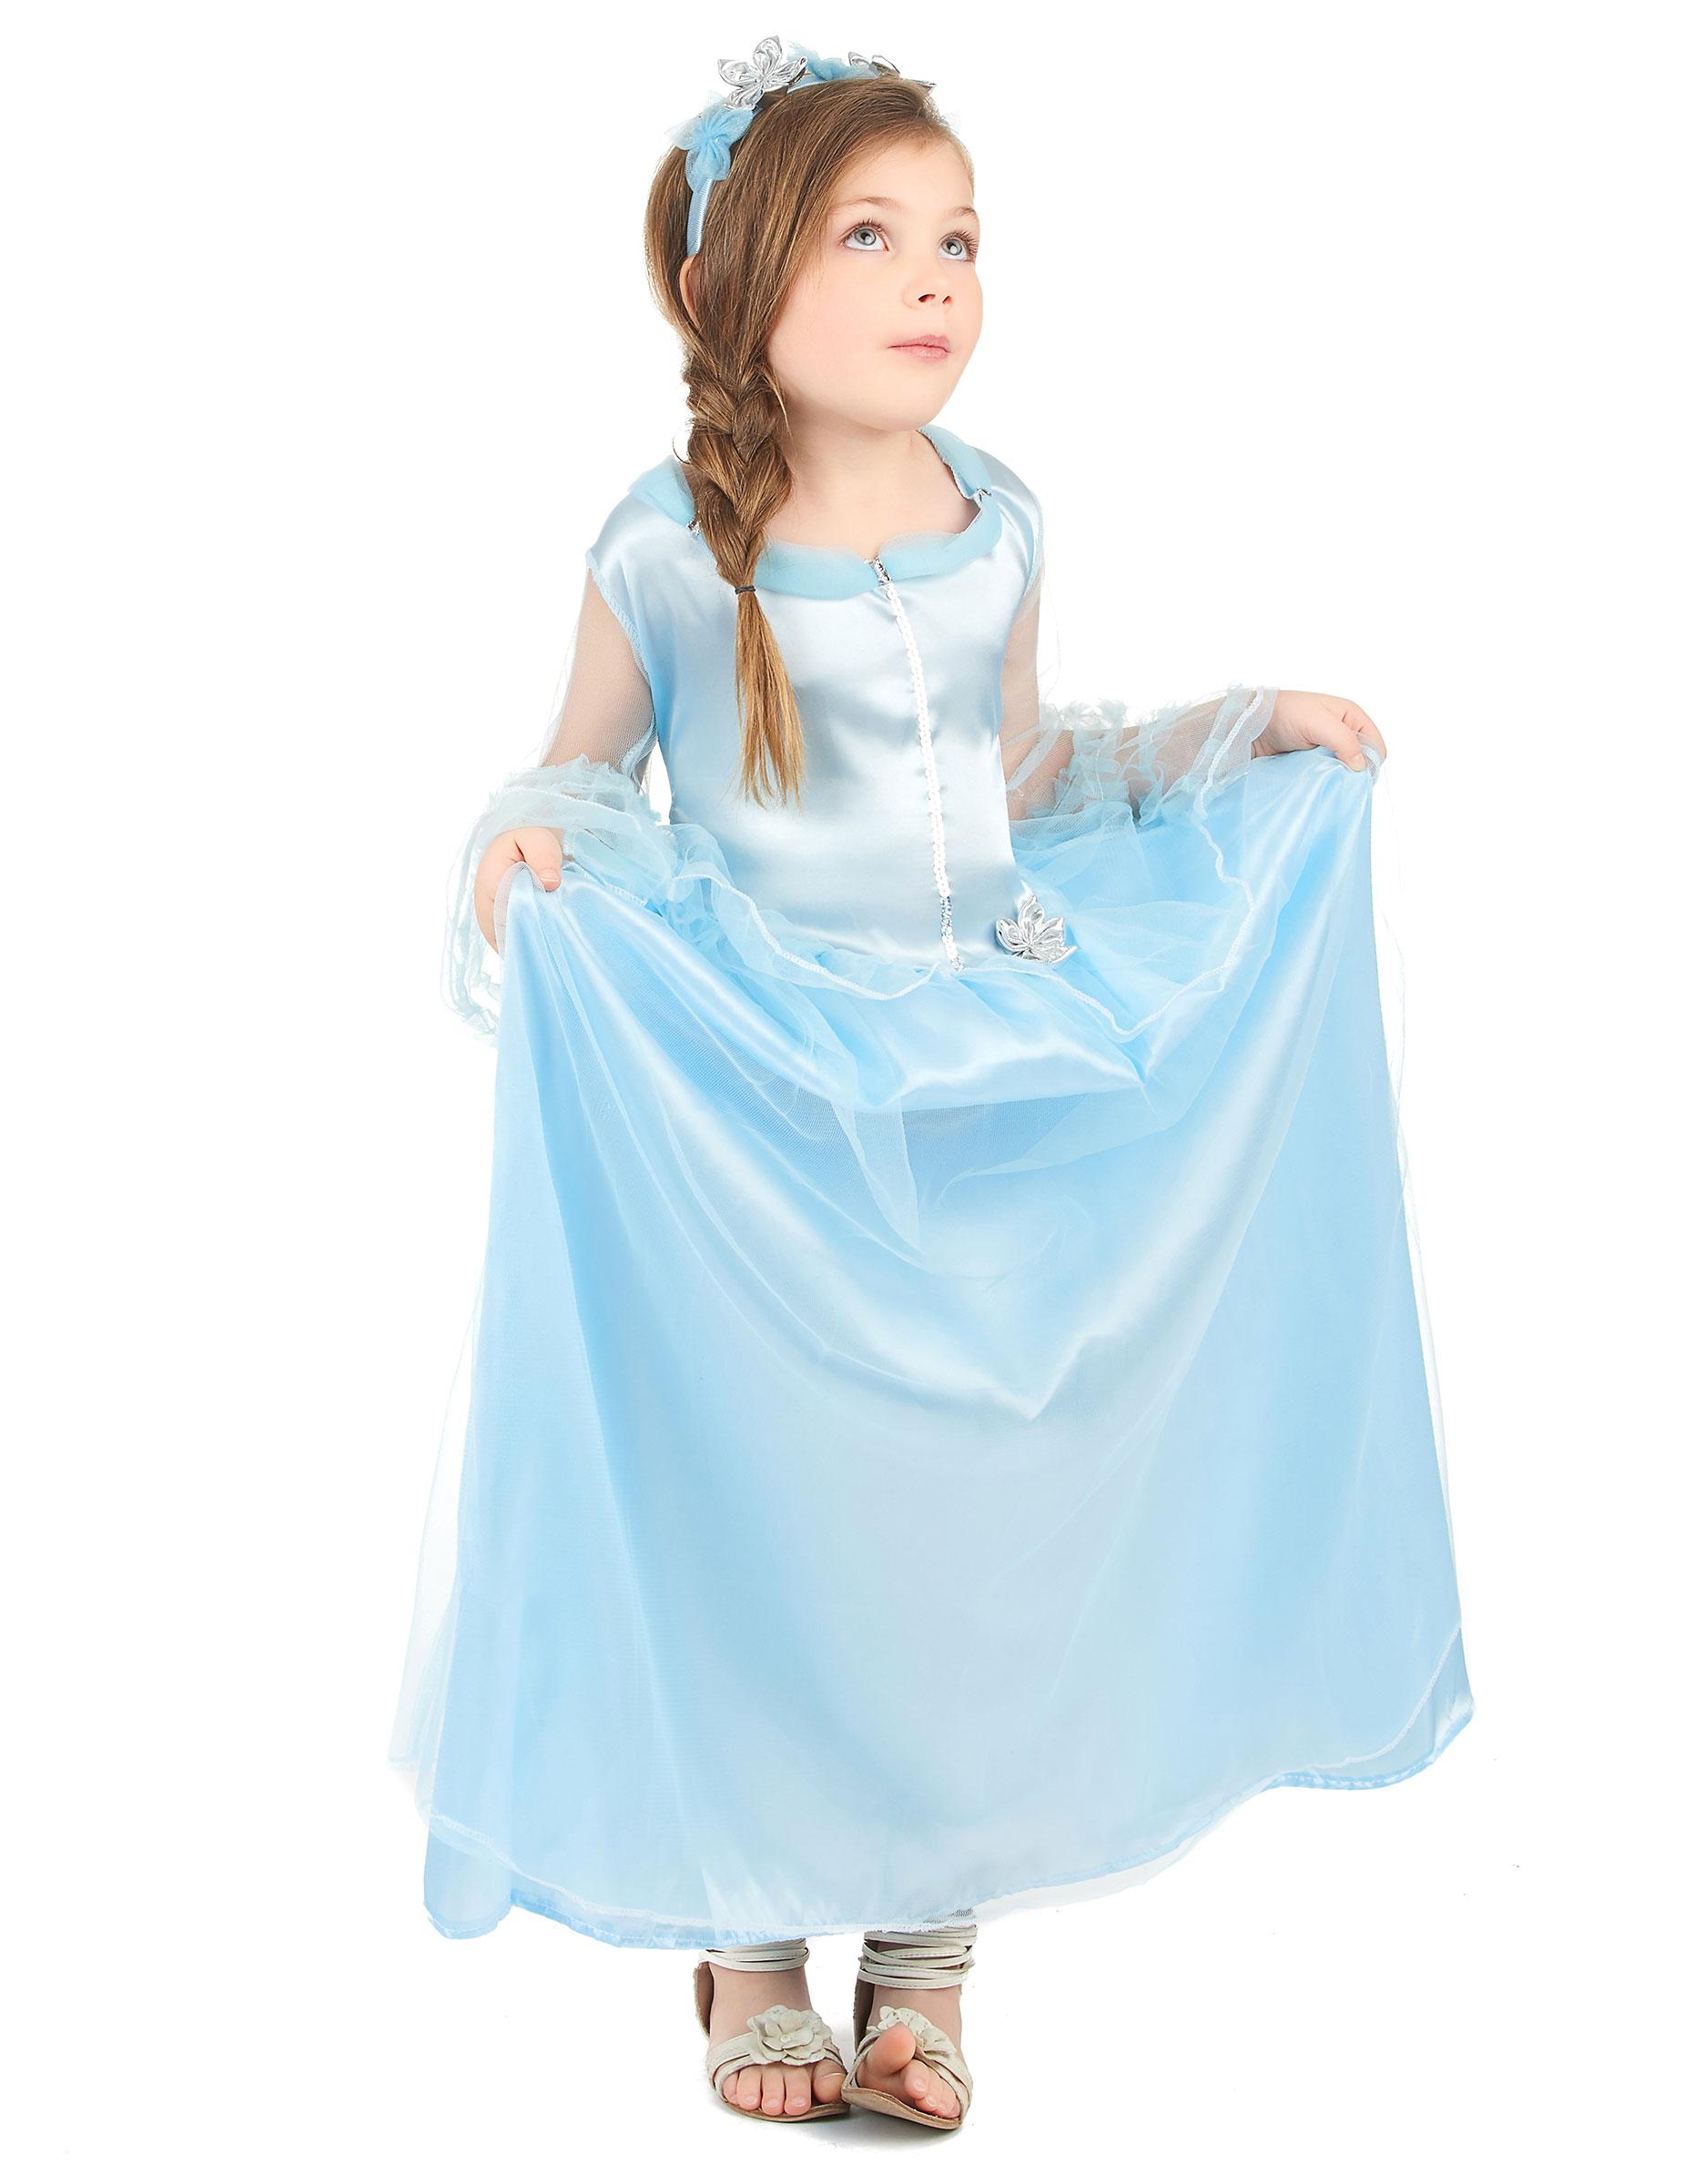 d guisement princesse bleue fille d coration anniversaire et f tes th me sur vegaoo party. Black Bedroom Furniture Sets. Home Design Ideas